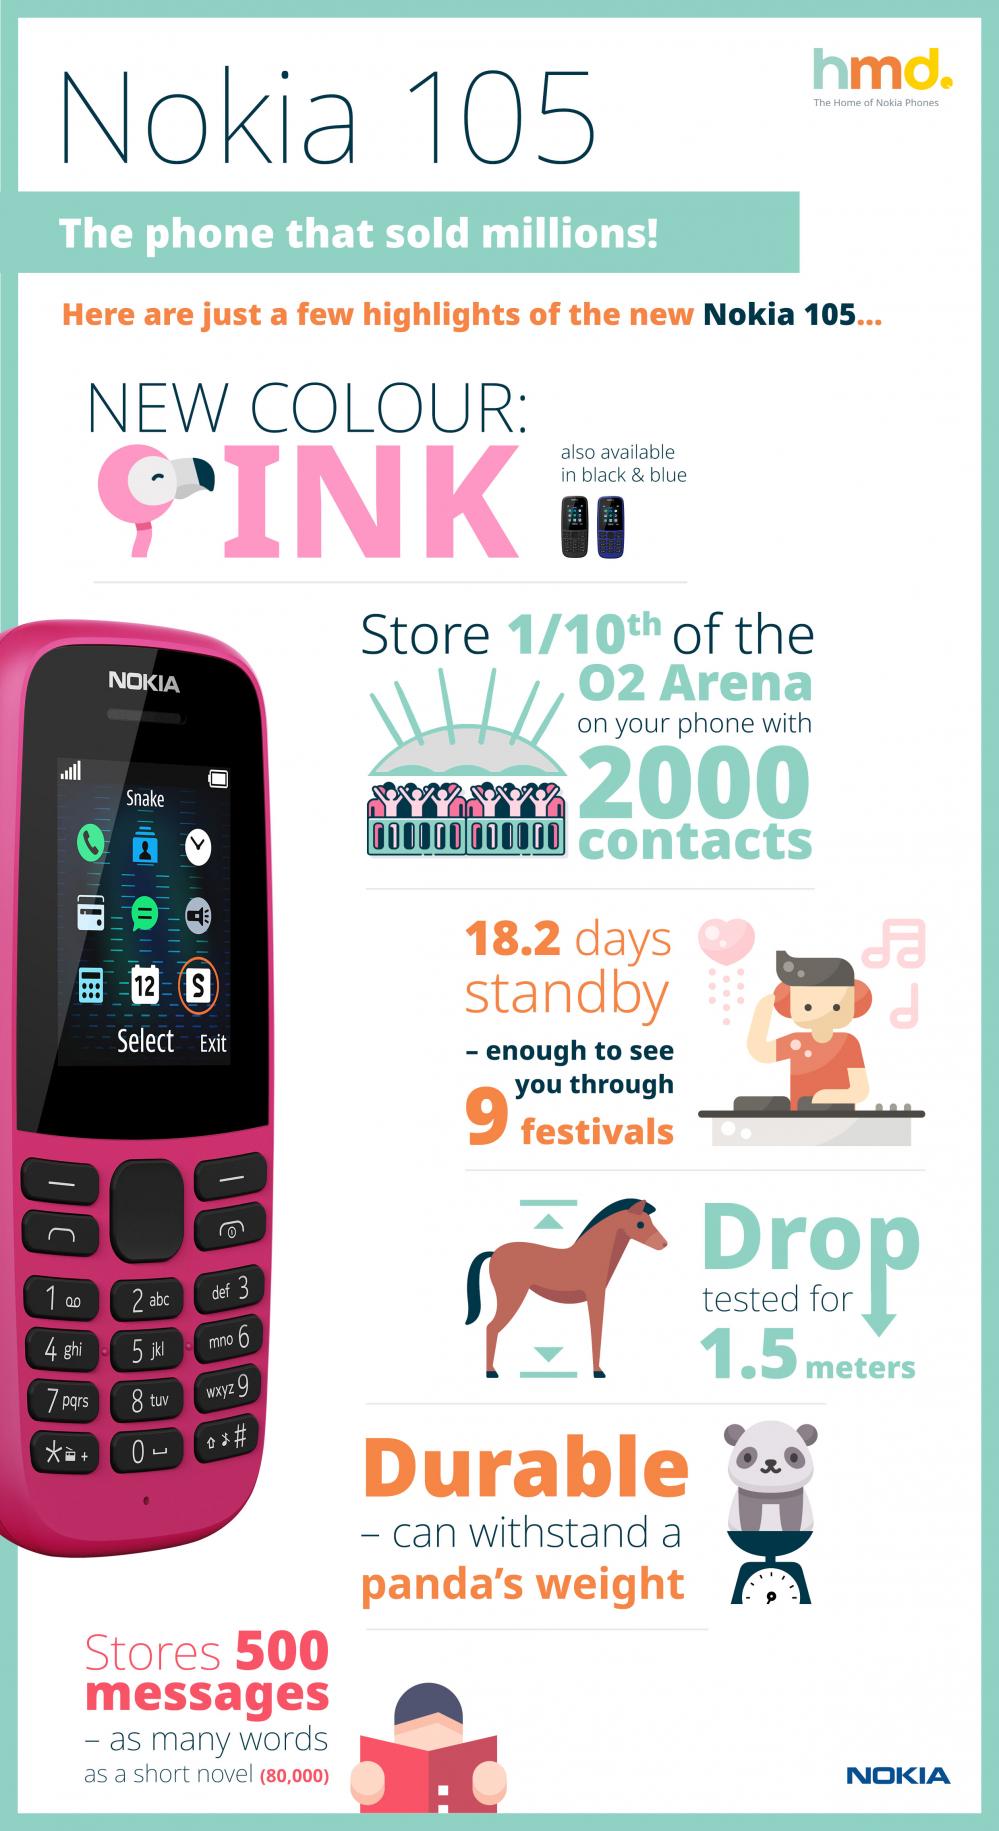 Nokia 105 mới thế hệ thứ 4 mang đến thiết kế hiện đại và tính năng tốt hơn chính thức ra mắt